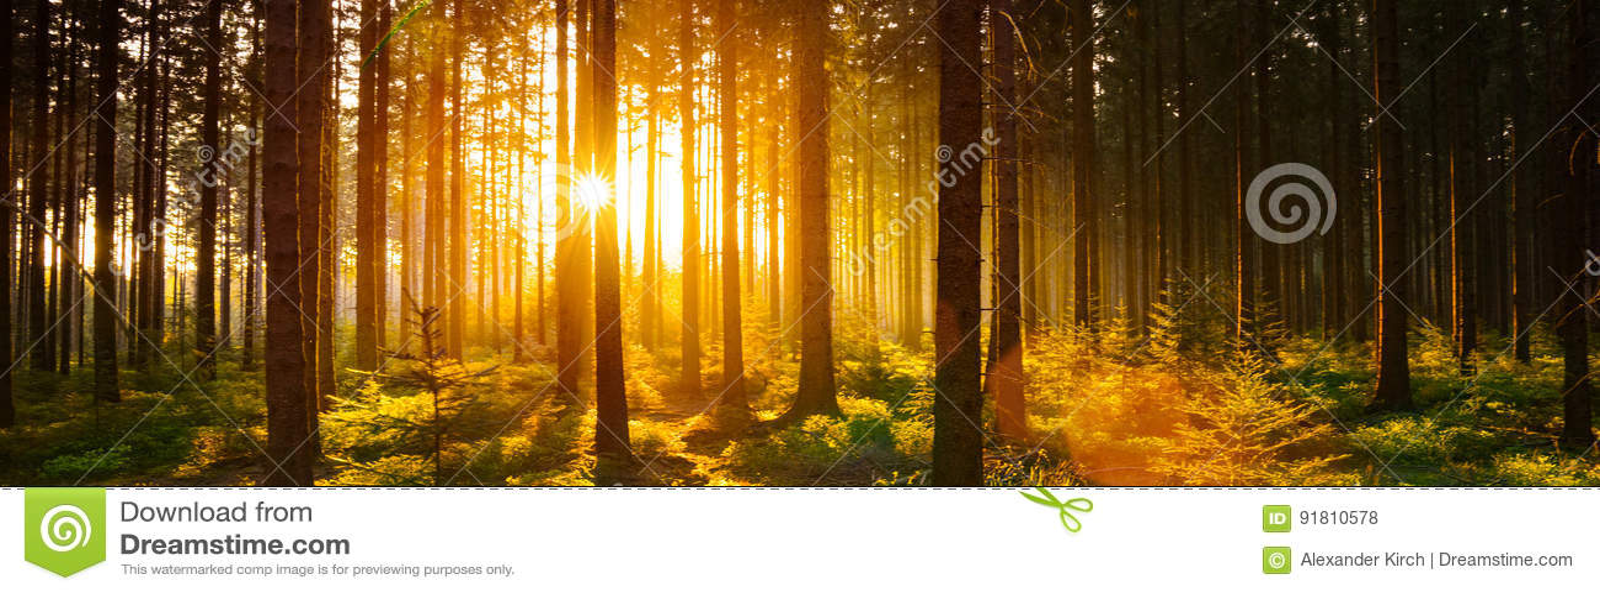 Σιωπηλό δάσος την άνοιξη με τις όμορφες φωτεινές ακτίνες ήλιων